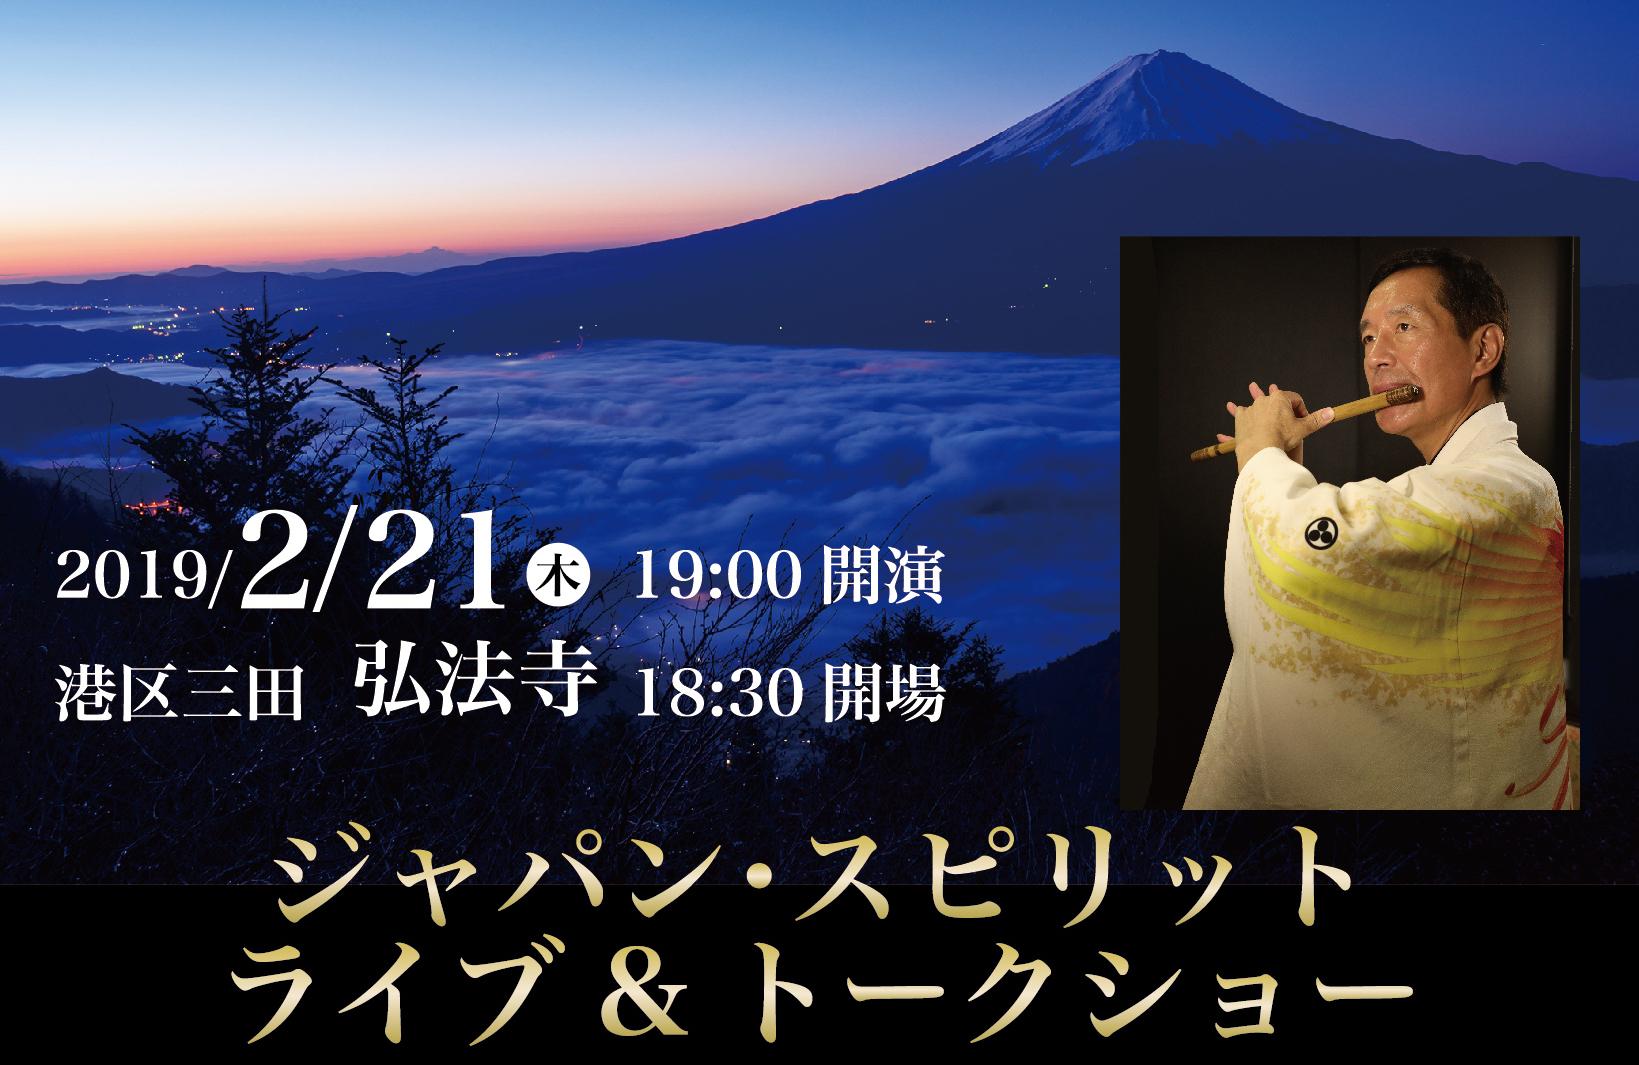 ジャパン・スピリット・ライブ&トークショー